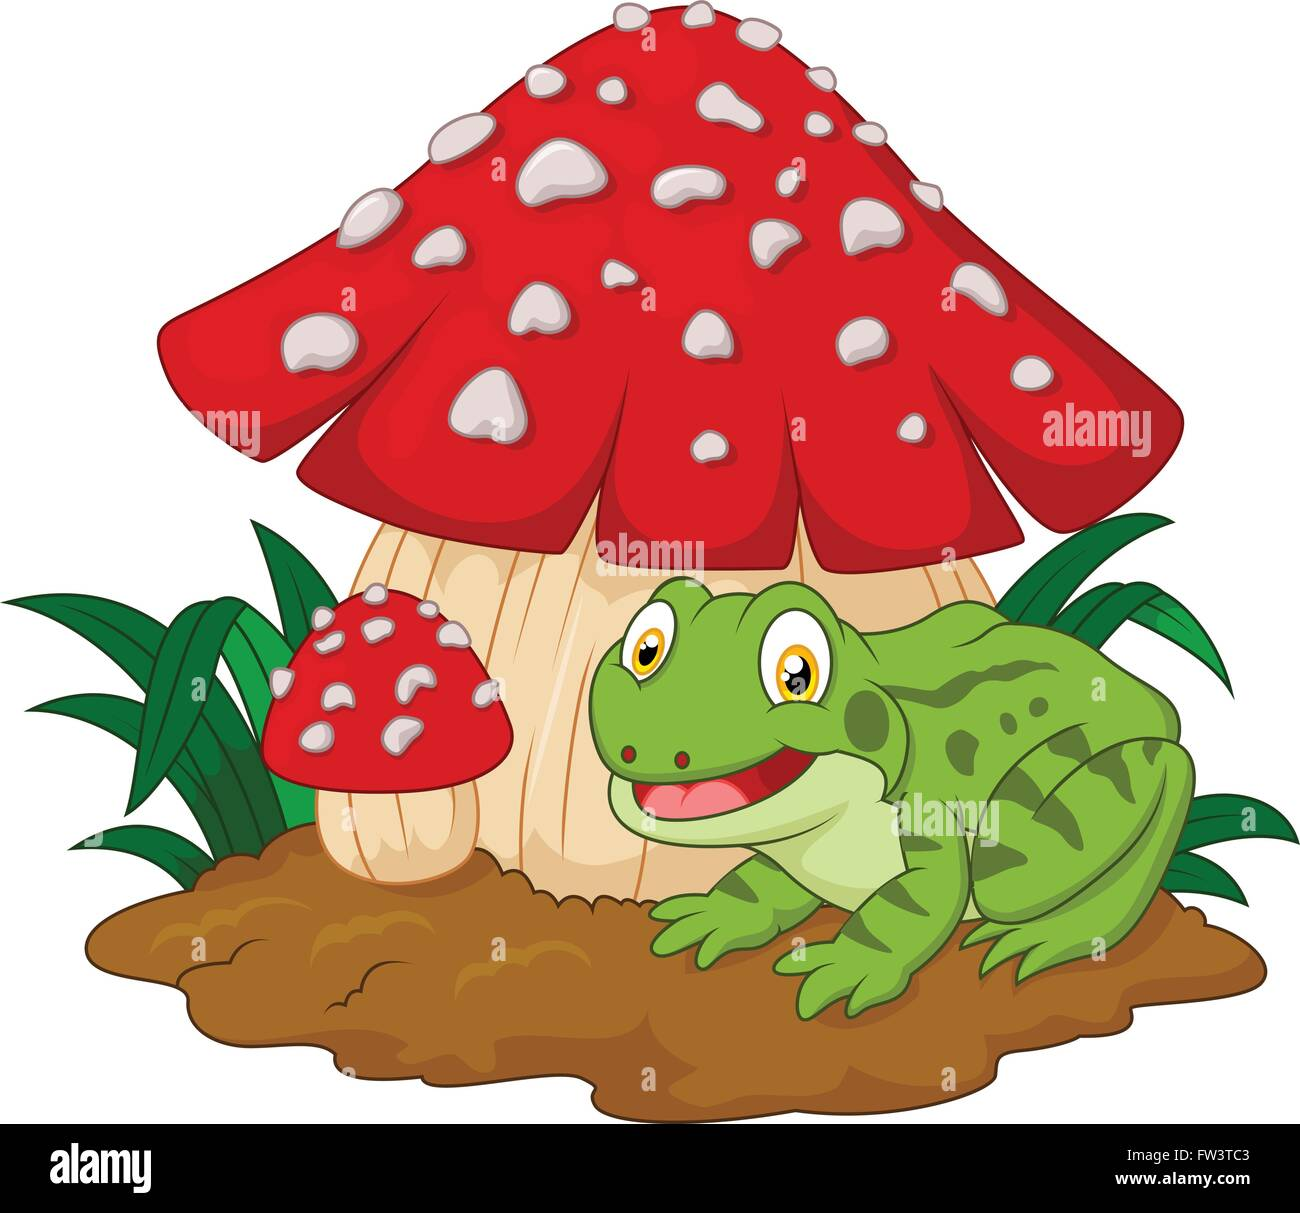 Cartoon frog basking under mushrooms - Stock Vector